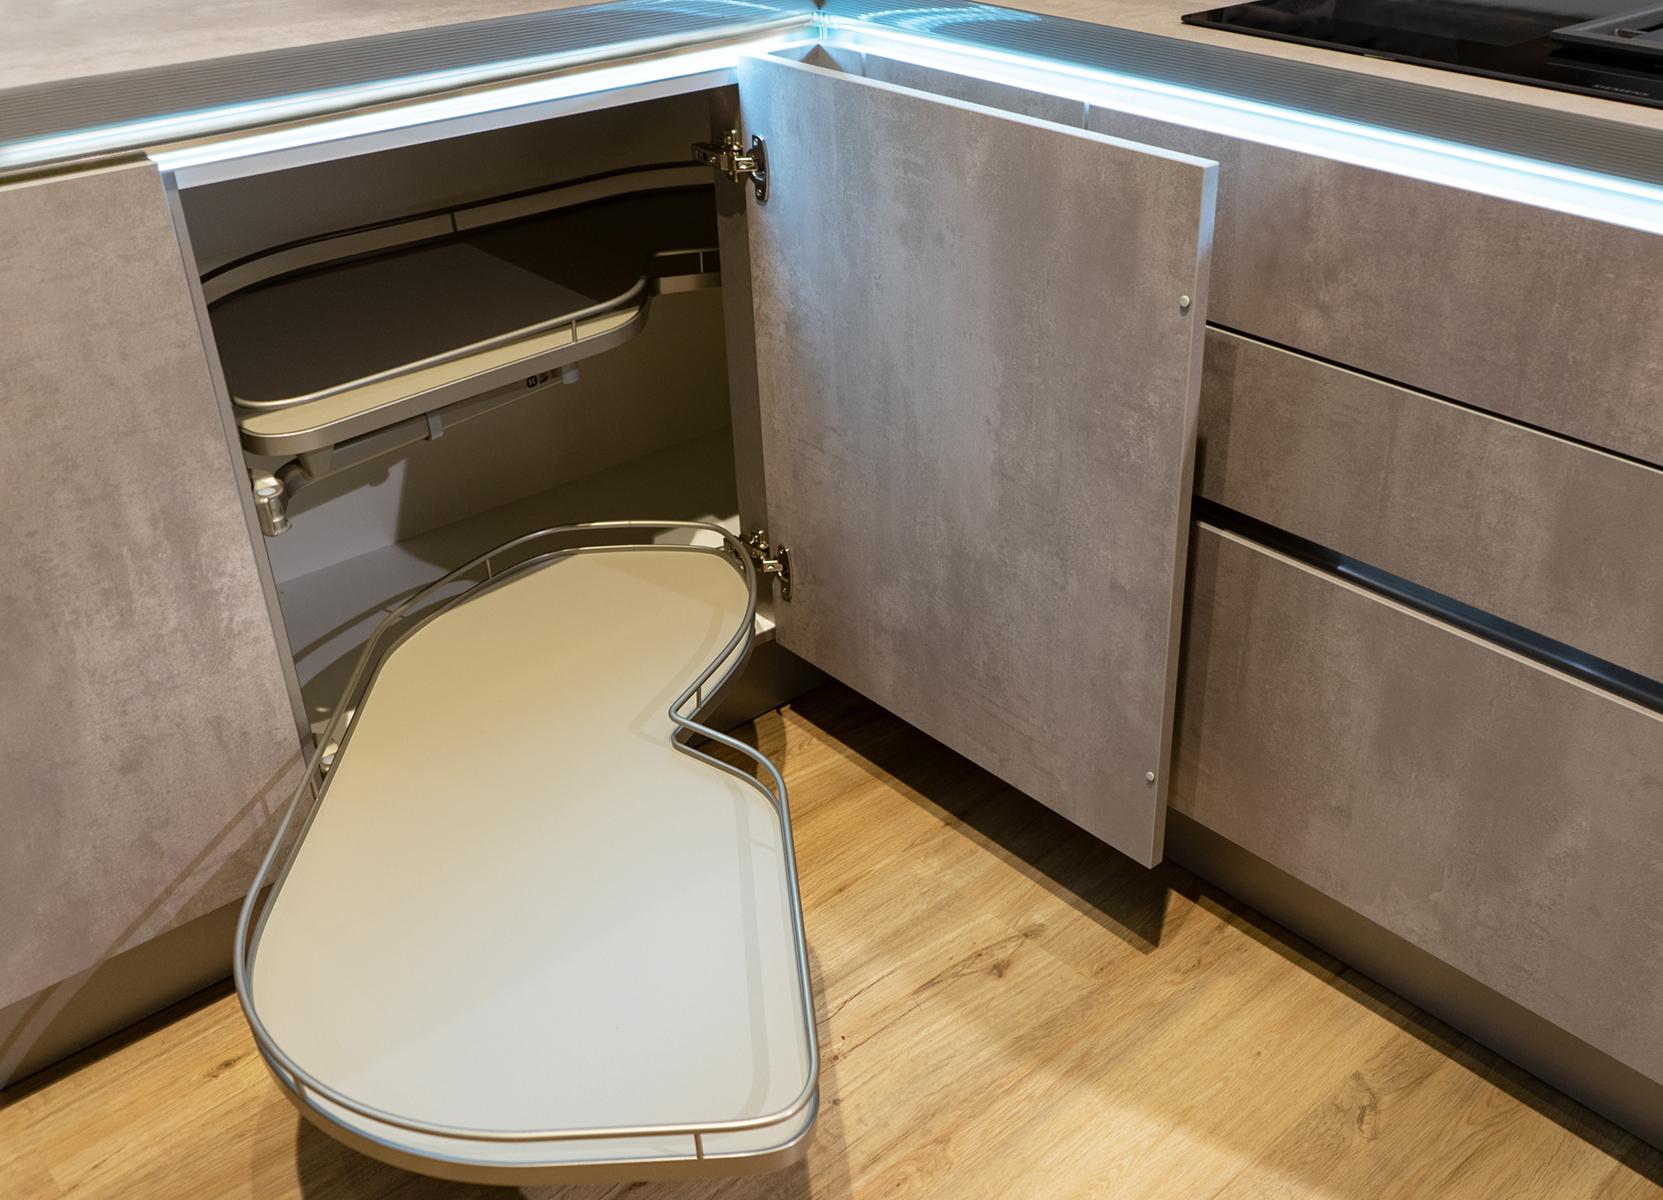 Full Size of Küchen Eckschrank Rondell Besten Ordnungssysteme Und Stauraumlsungen Saar Kchen Regal Bad Küche Schlafzimmer Wohnzimmer Küchen Eckschrank Rondell